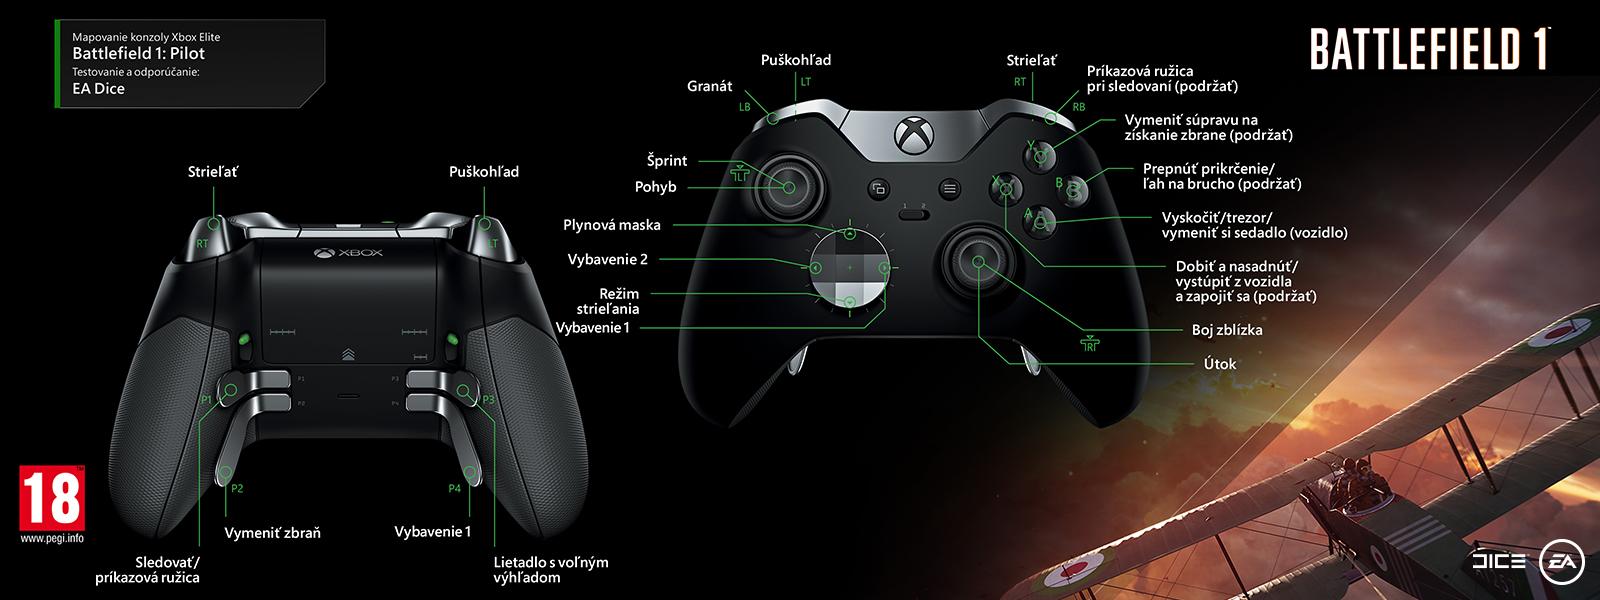 Mapovanie ovládača Elite pre pilota v hre Battlefield 1